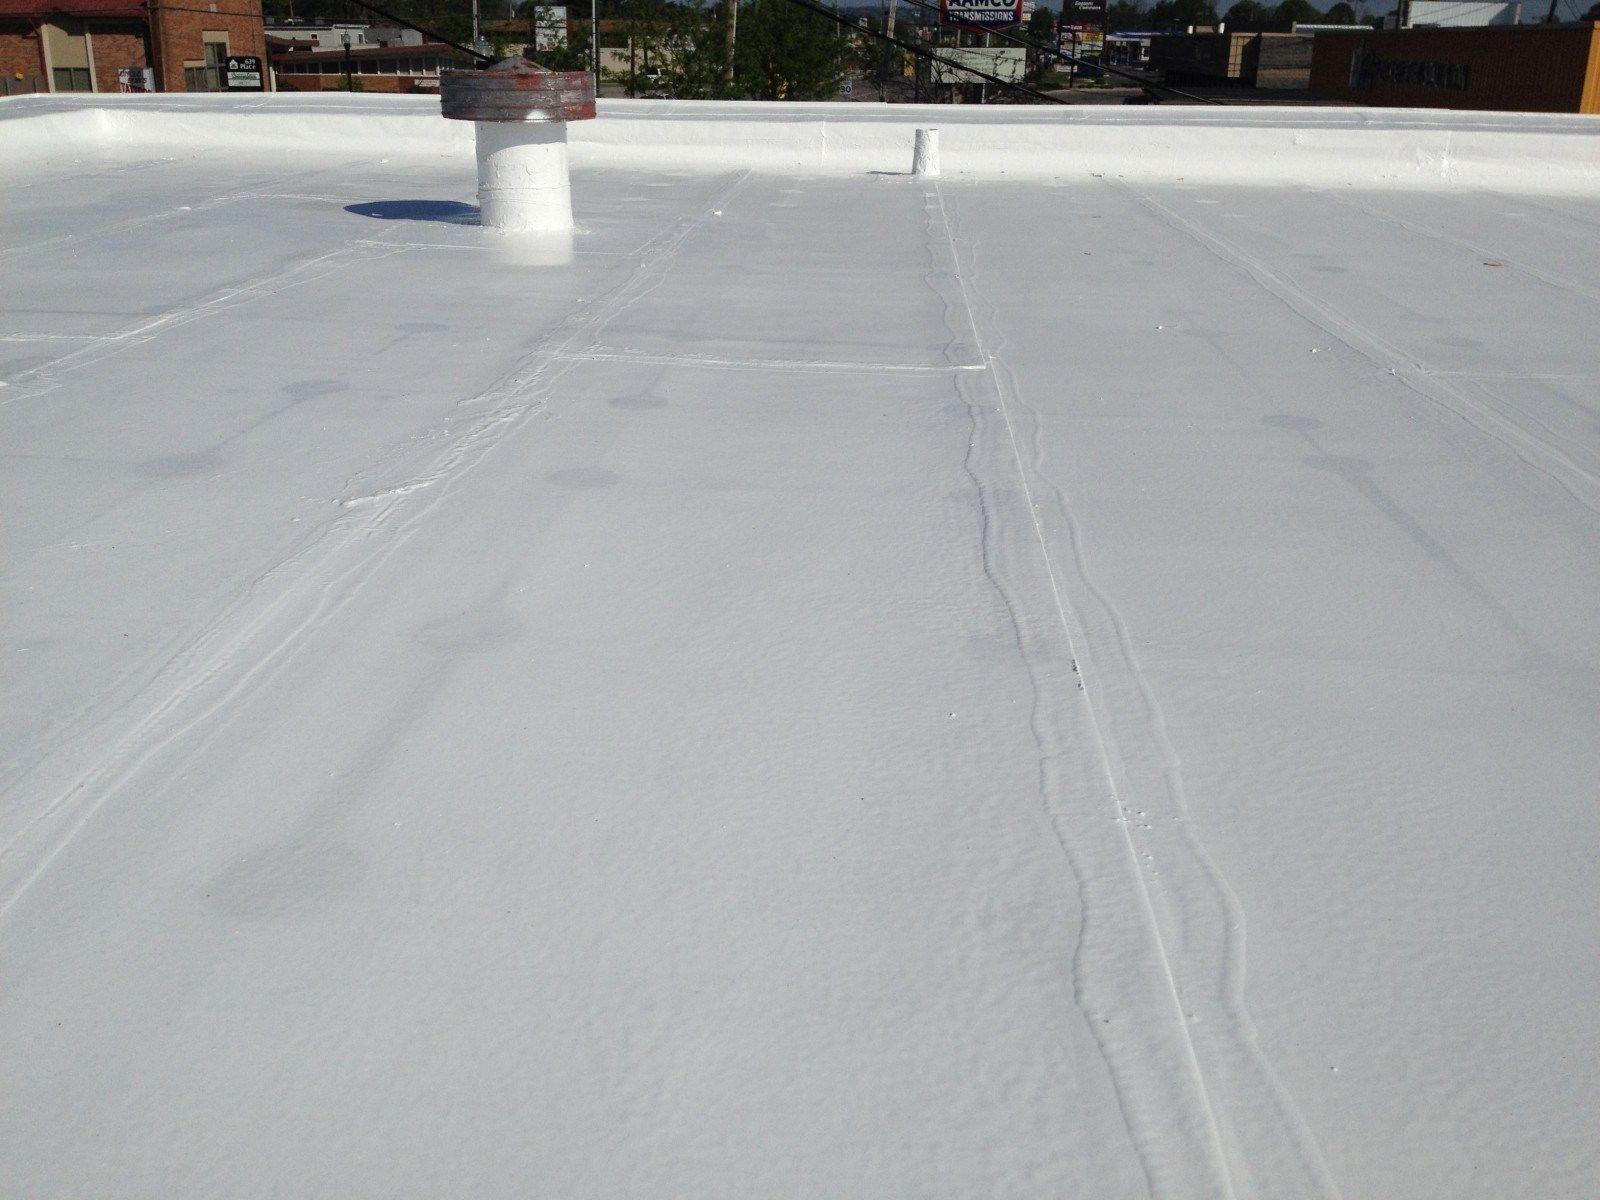 Metal Roof Repair Commercial Roof Coatings Metal Roof Repair Roof Repair Commercial Roofing